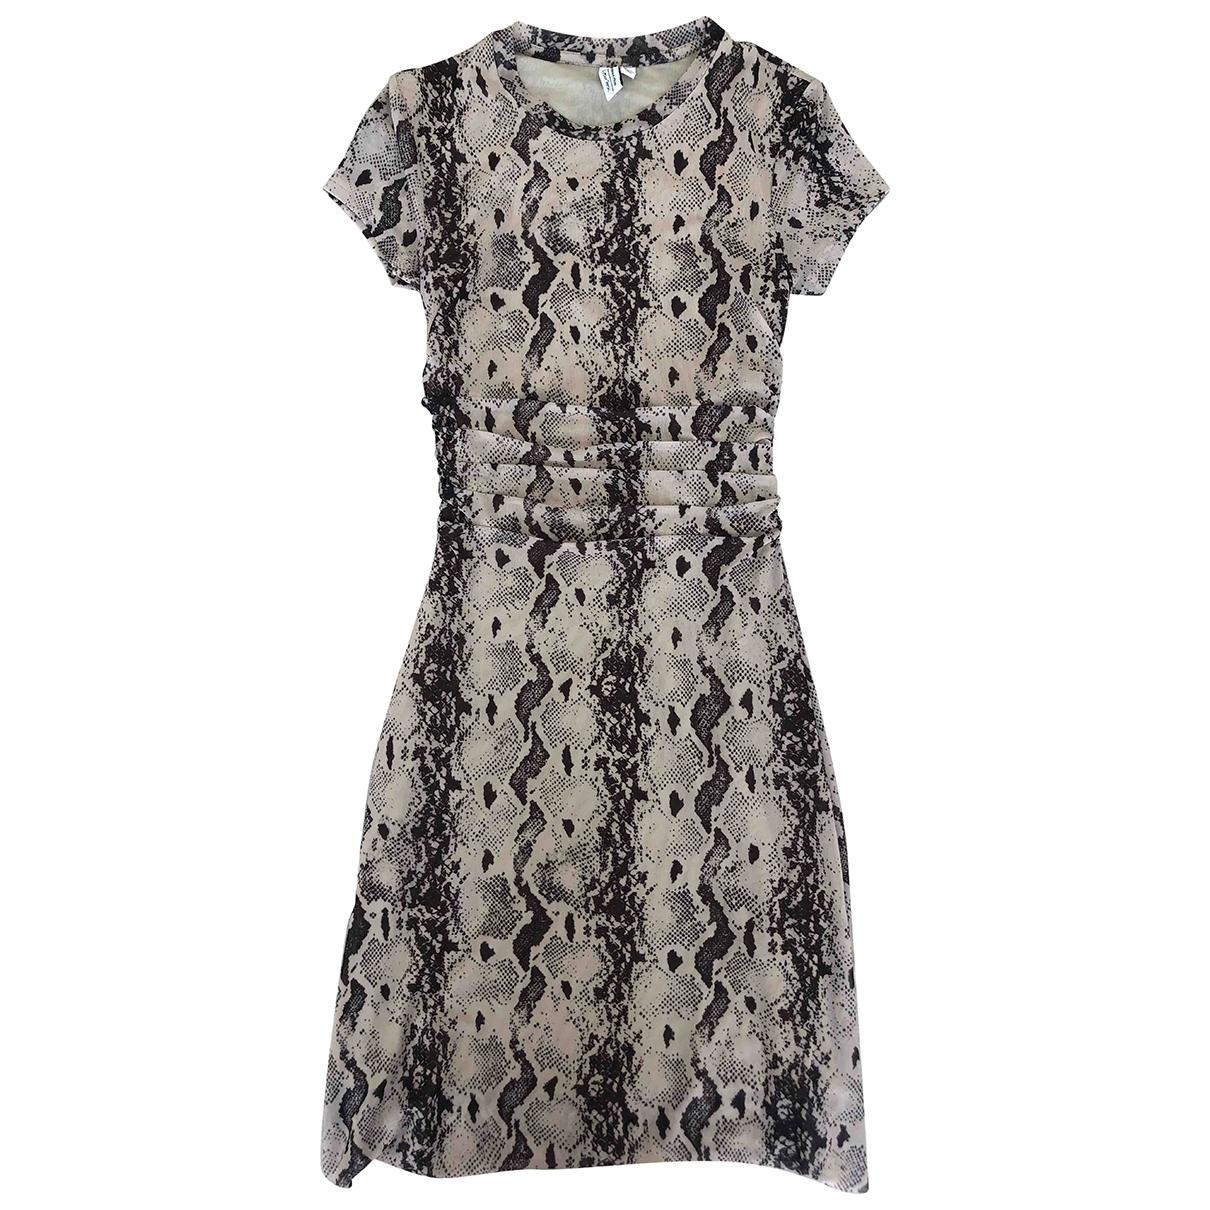 & Stories \N Beige dress for Women 2 US